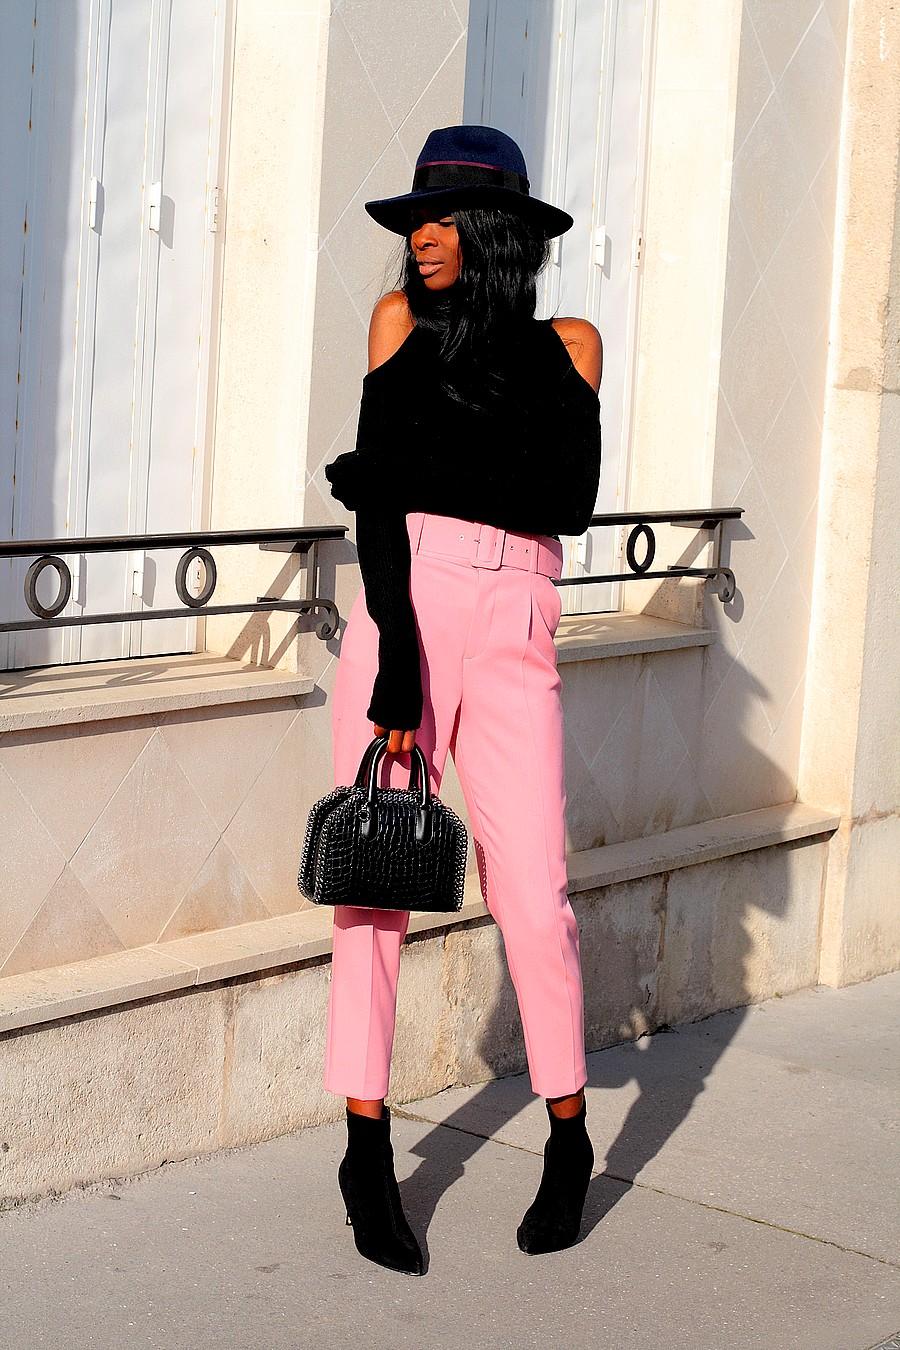 comment-porter-pantalon-taille-haute-idee-look